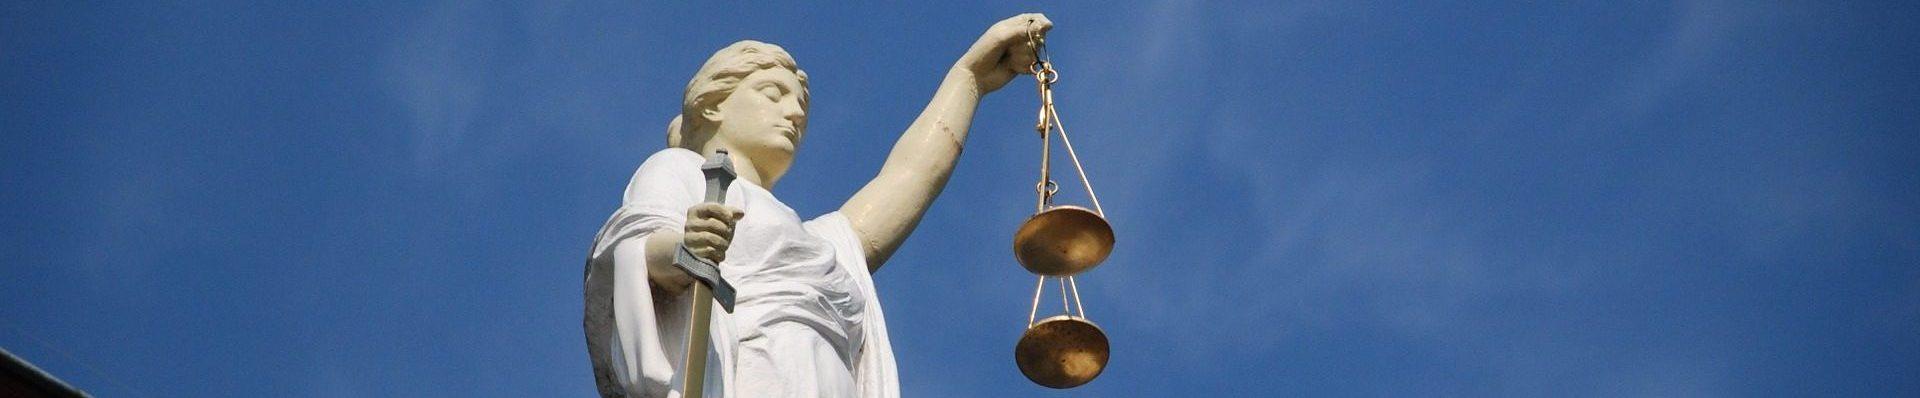 case-law-677940_1920-e1509385042210